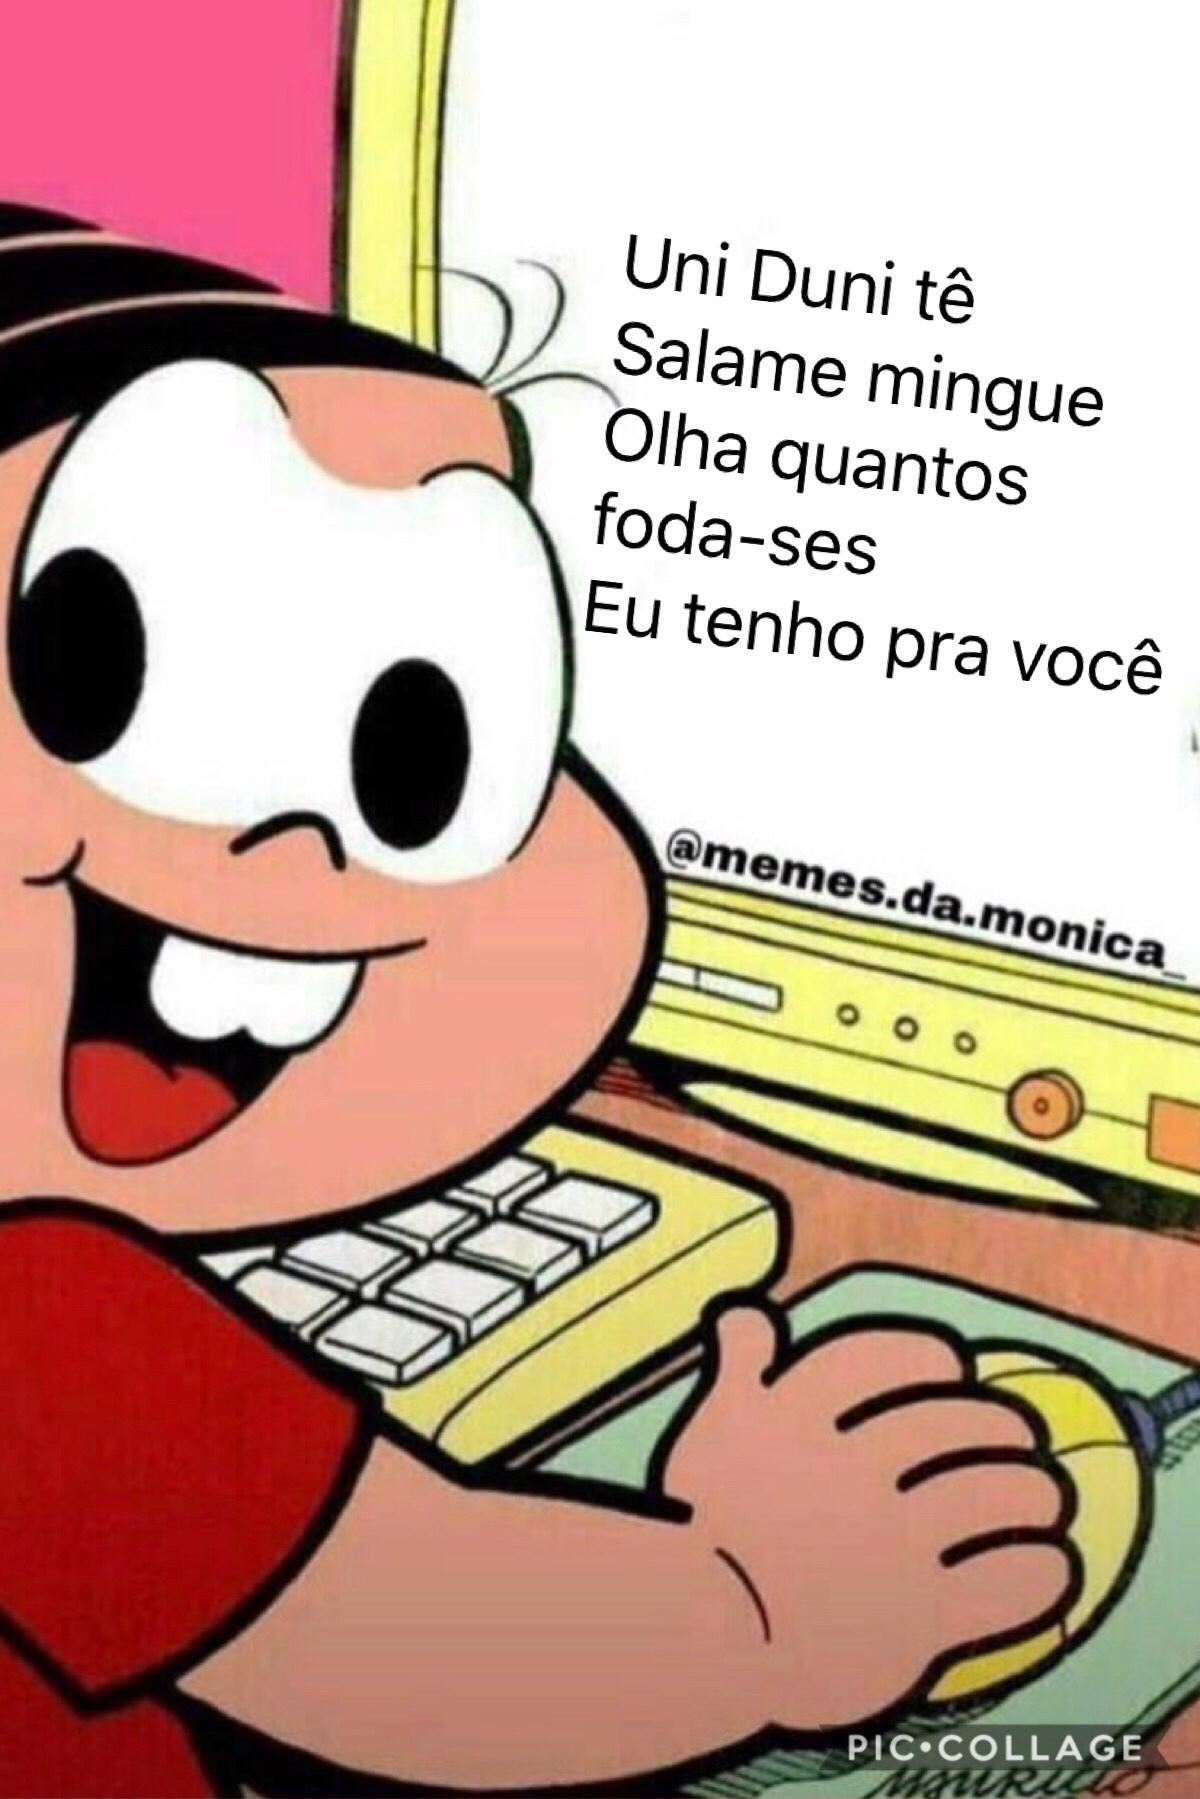 muitos - meme